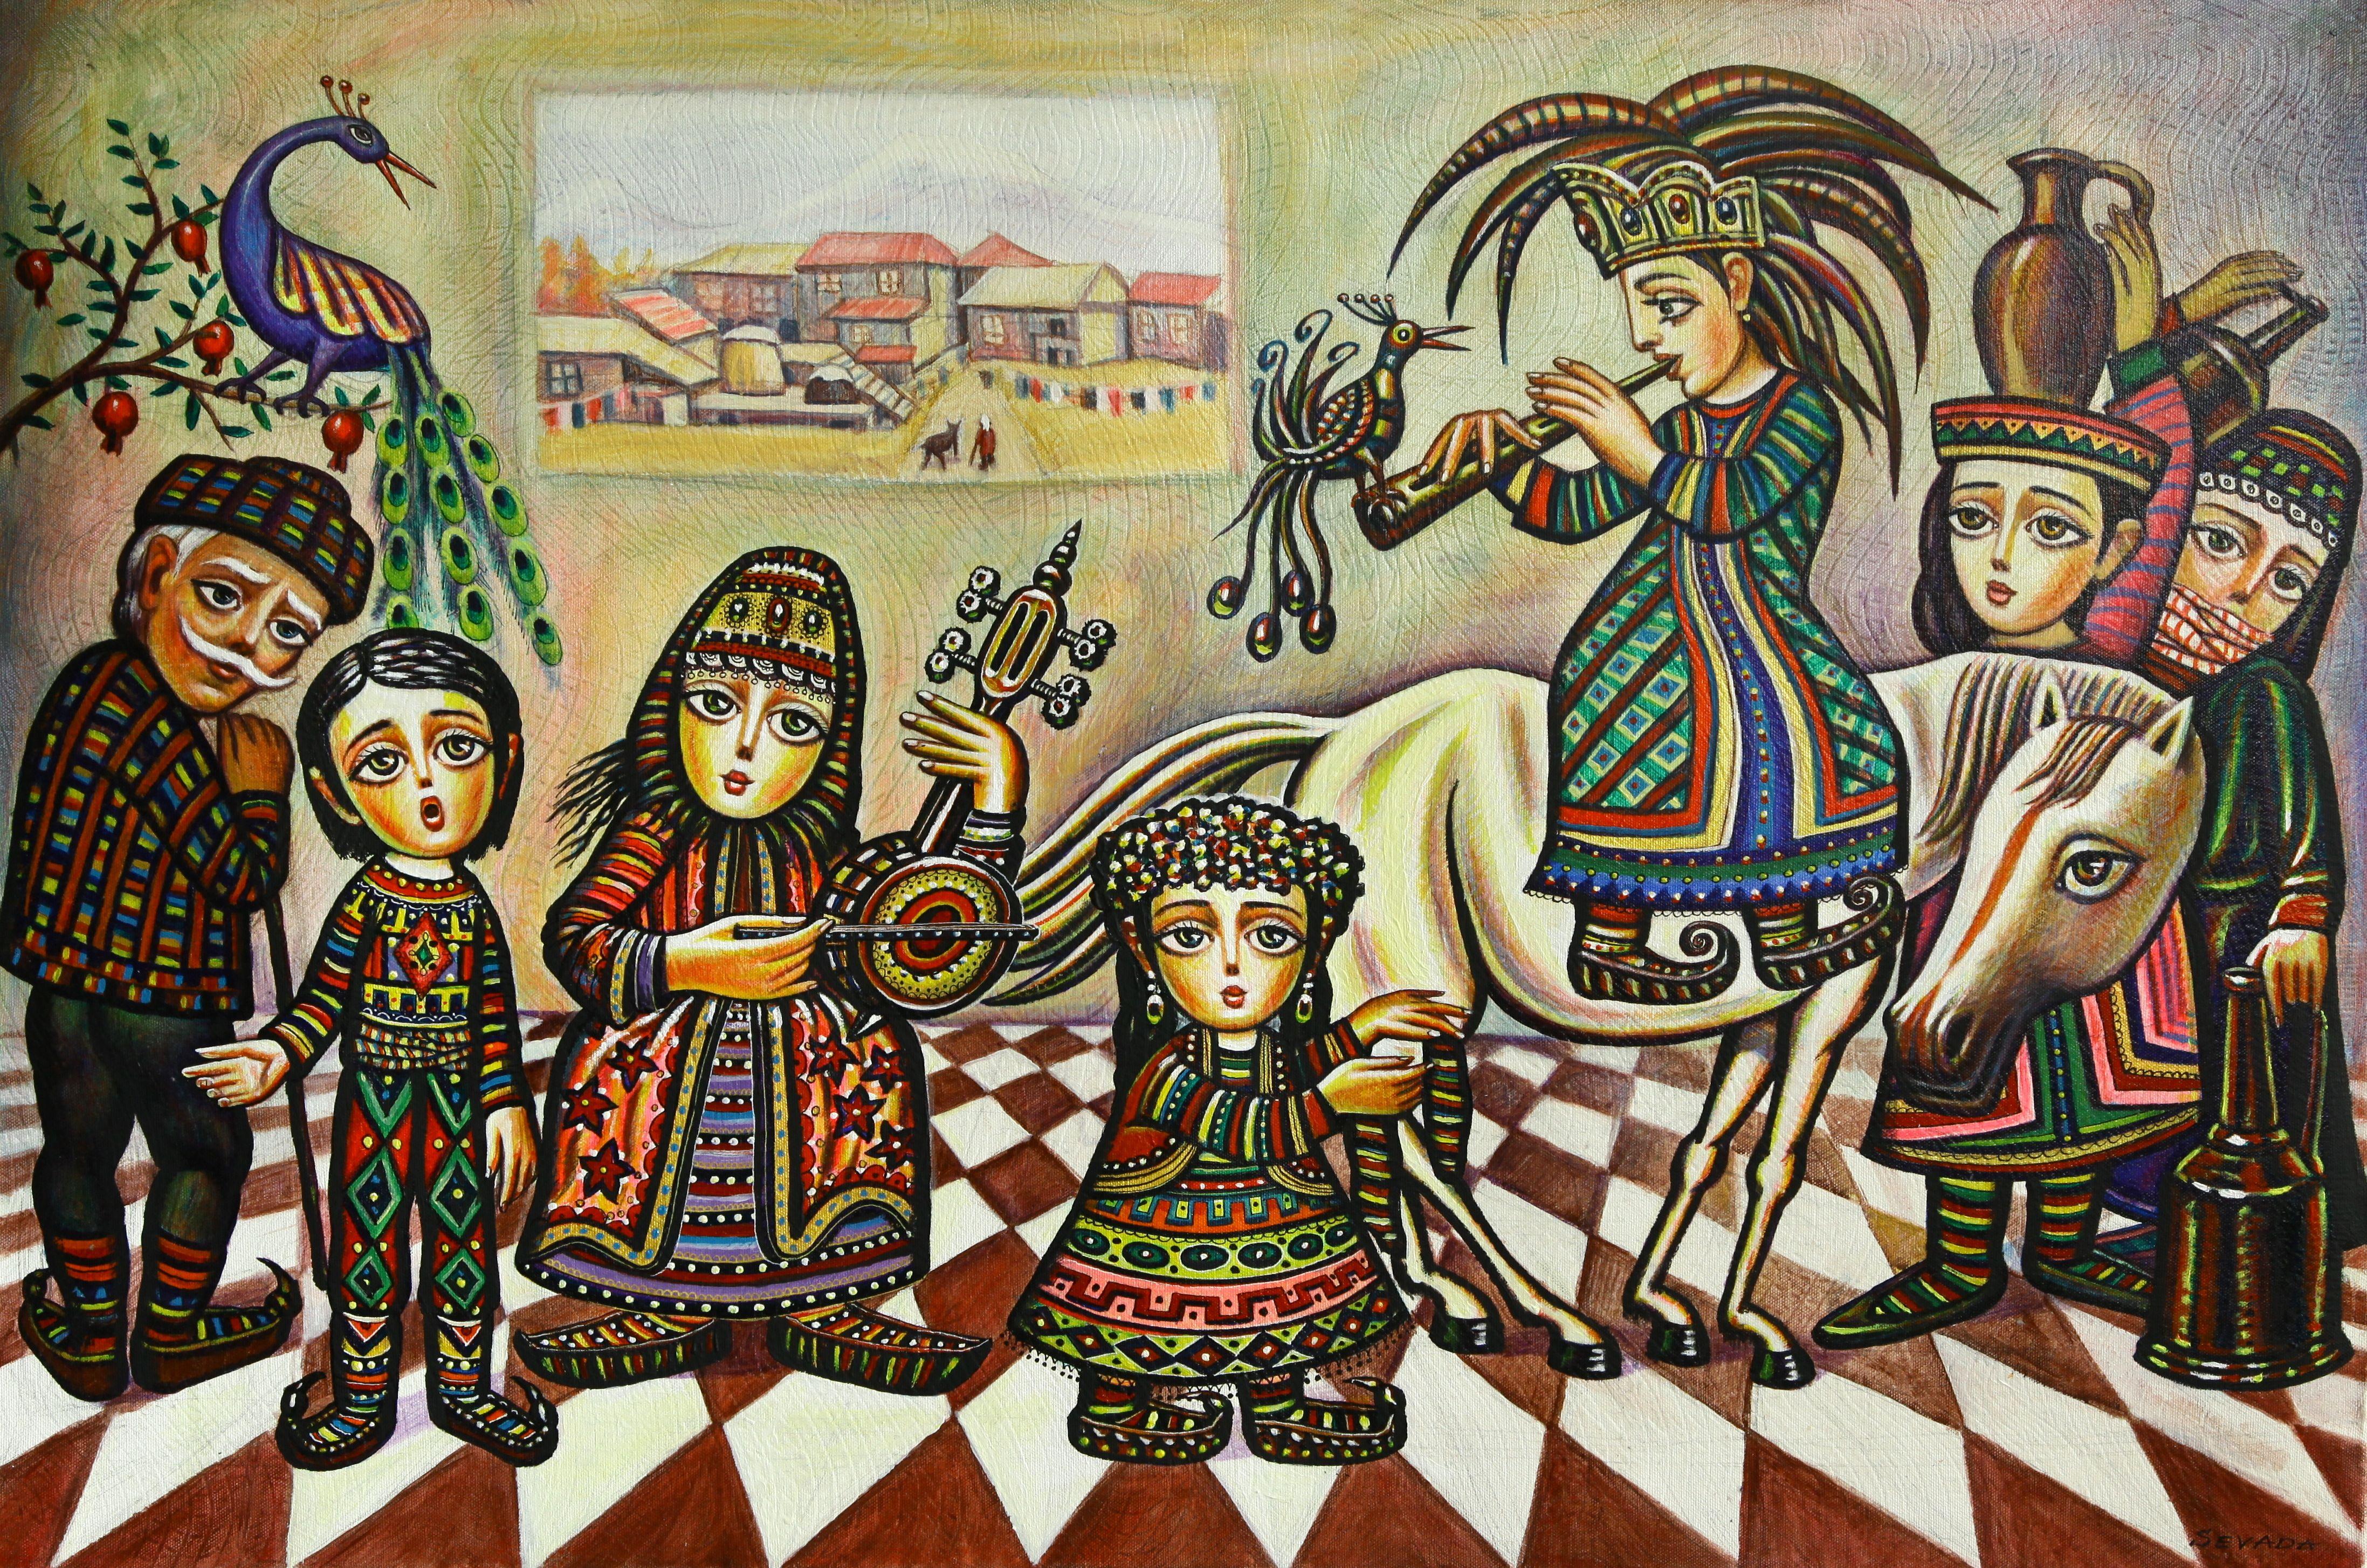 Картинки к музыке веселая и грустная армянская музыка